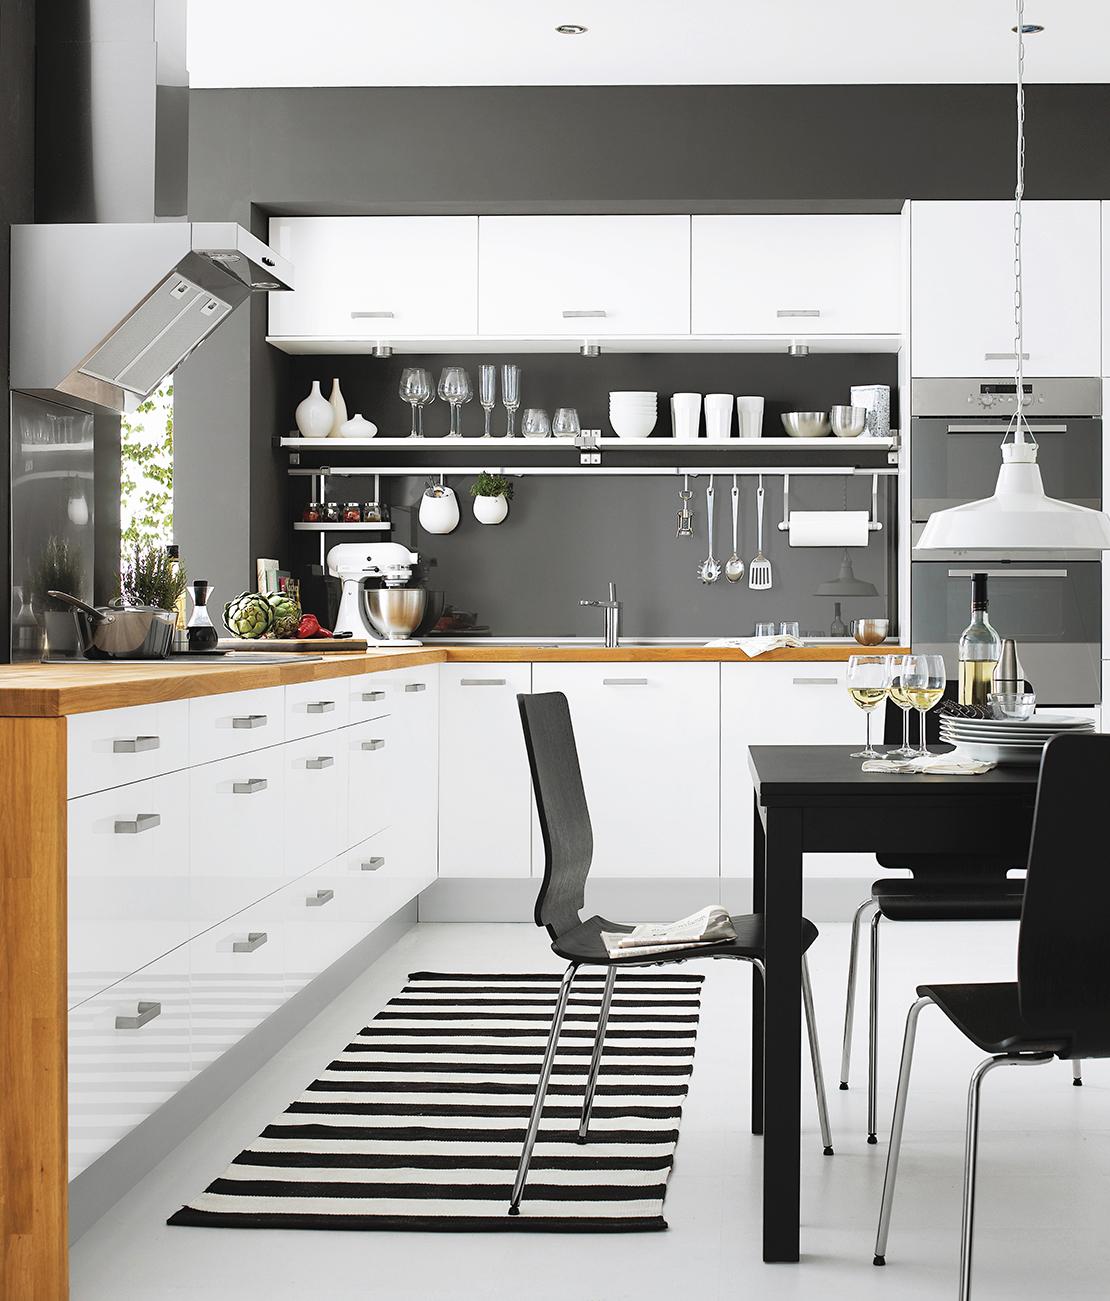 jak posprzątać kuchnię